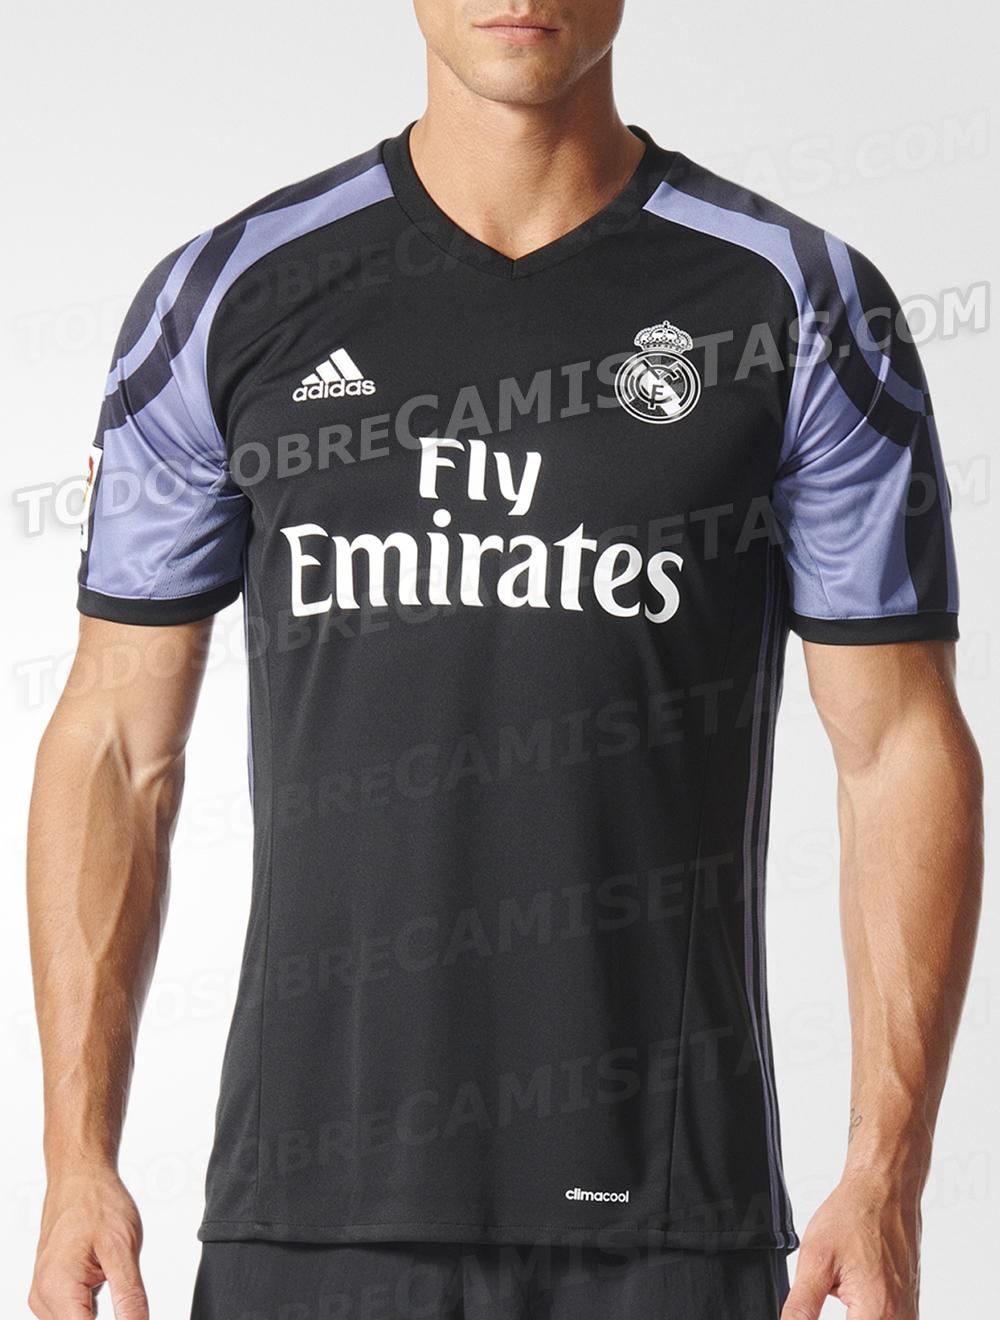 Así son los otros diseños de la primera y segunda equipación   Revolucionaria camiseta del Real Madrid ... e0e0fcbb18c60